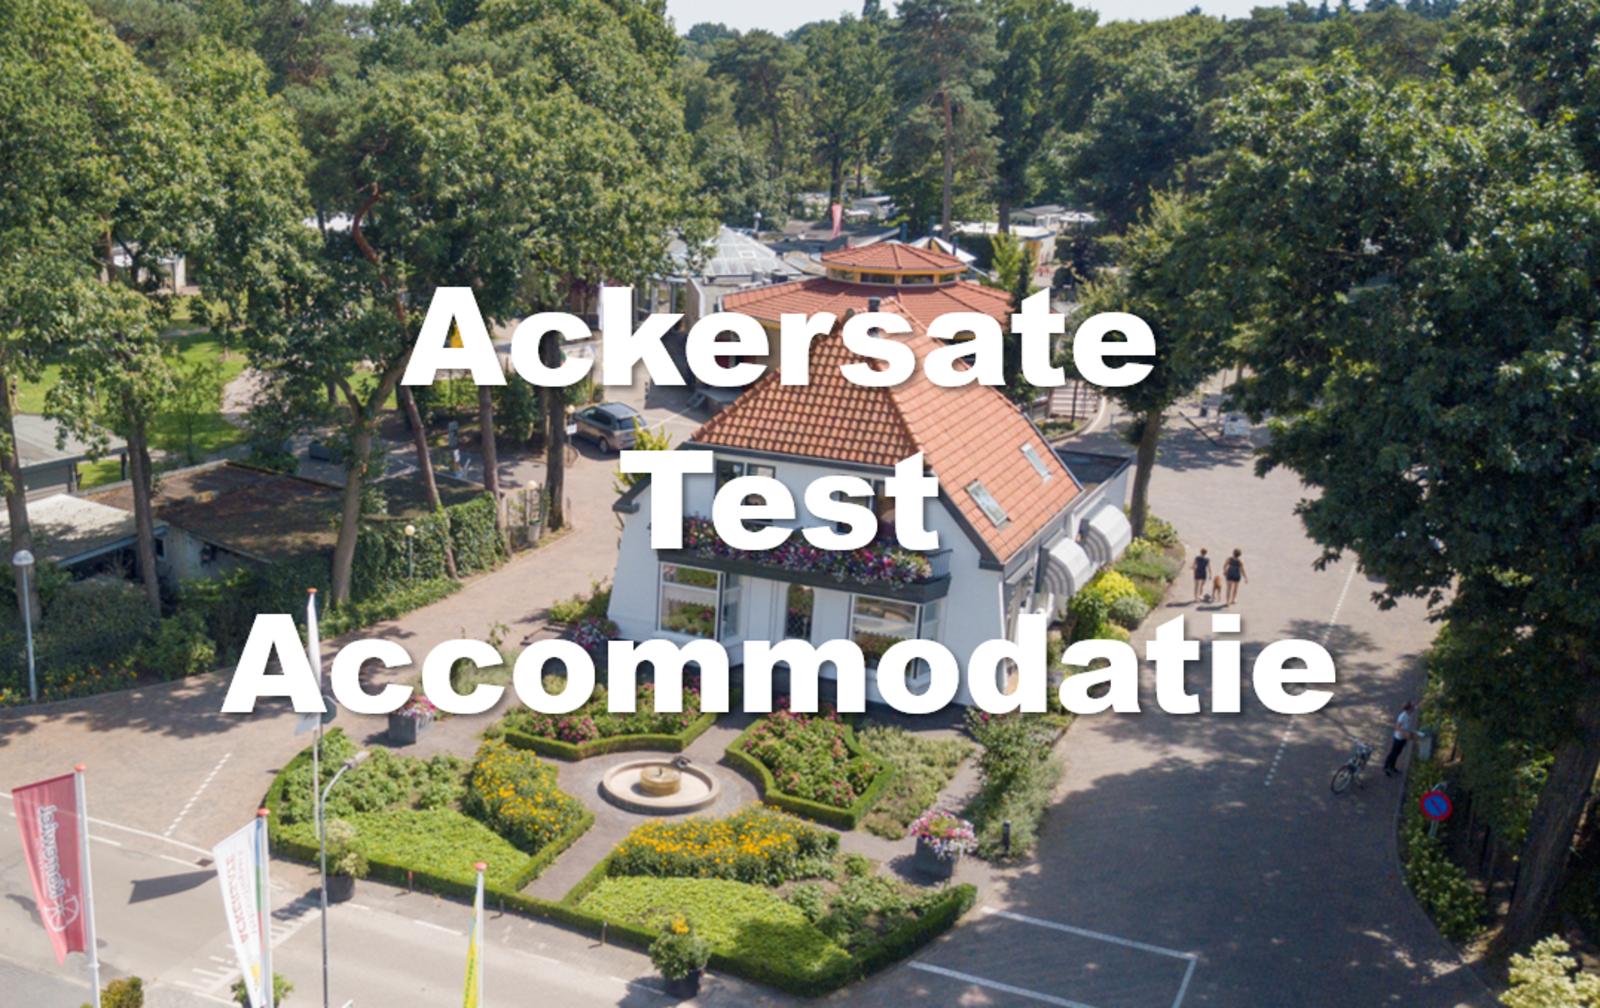 Ackersate Test